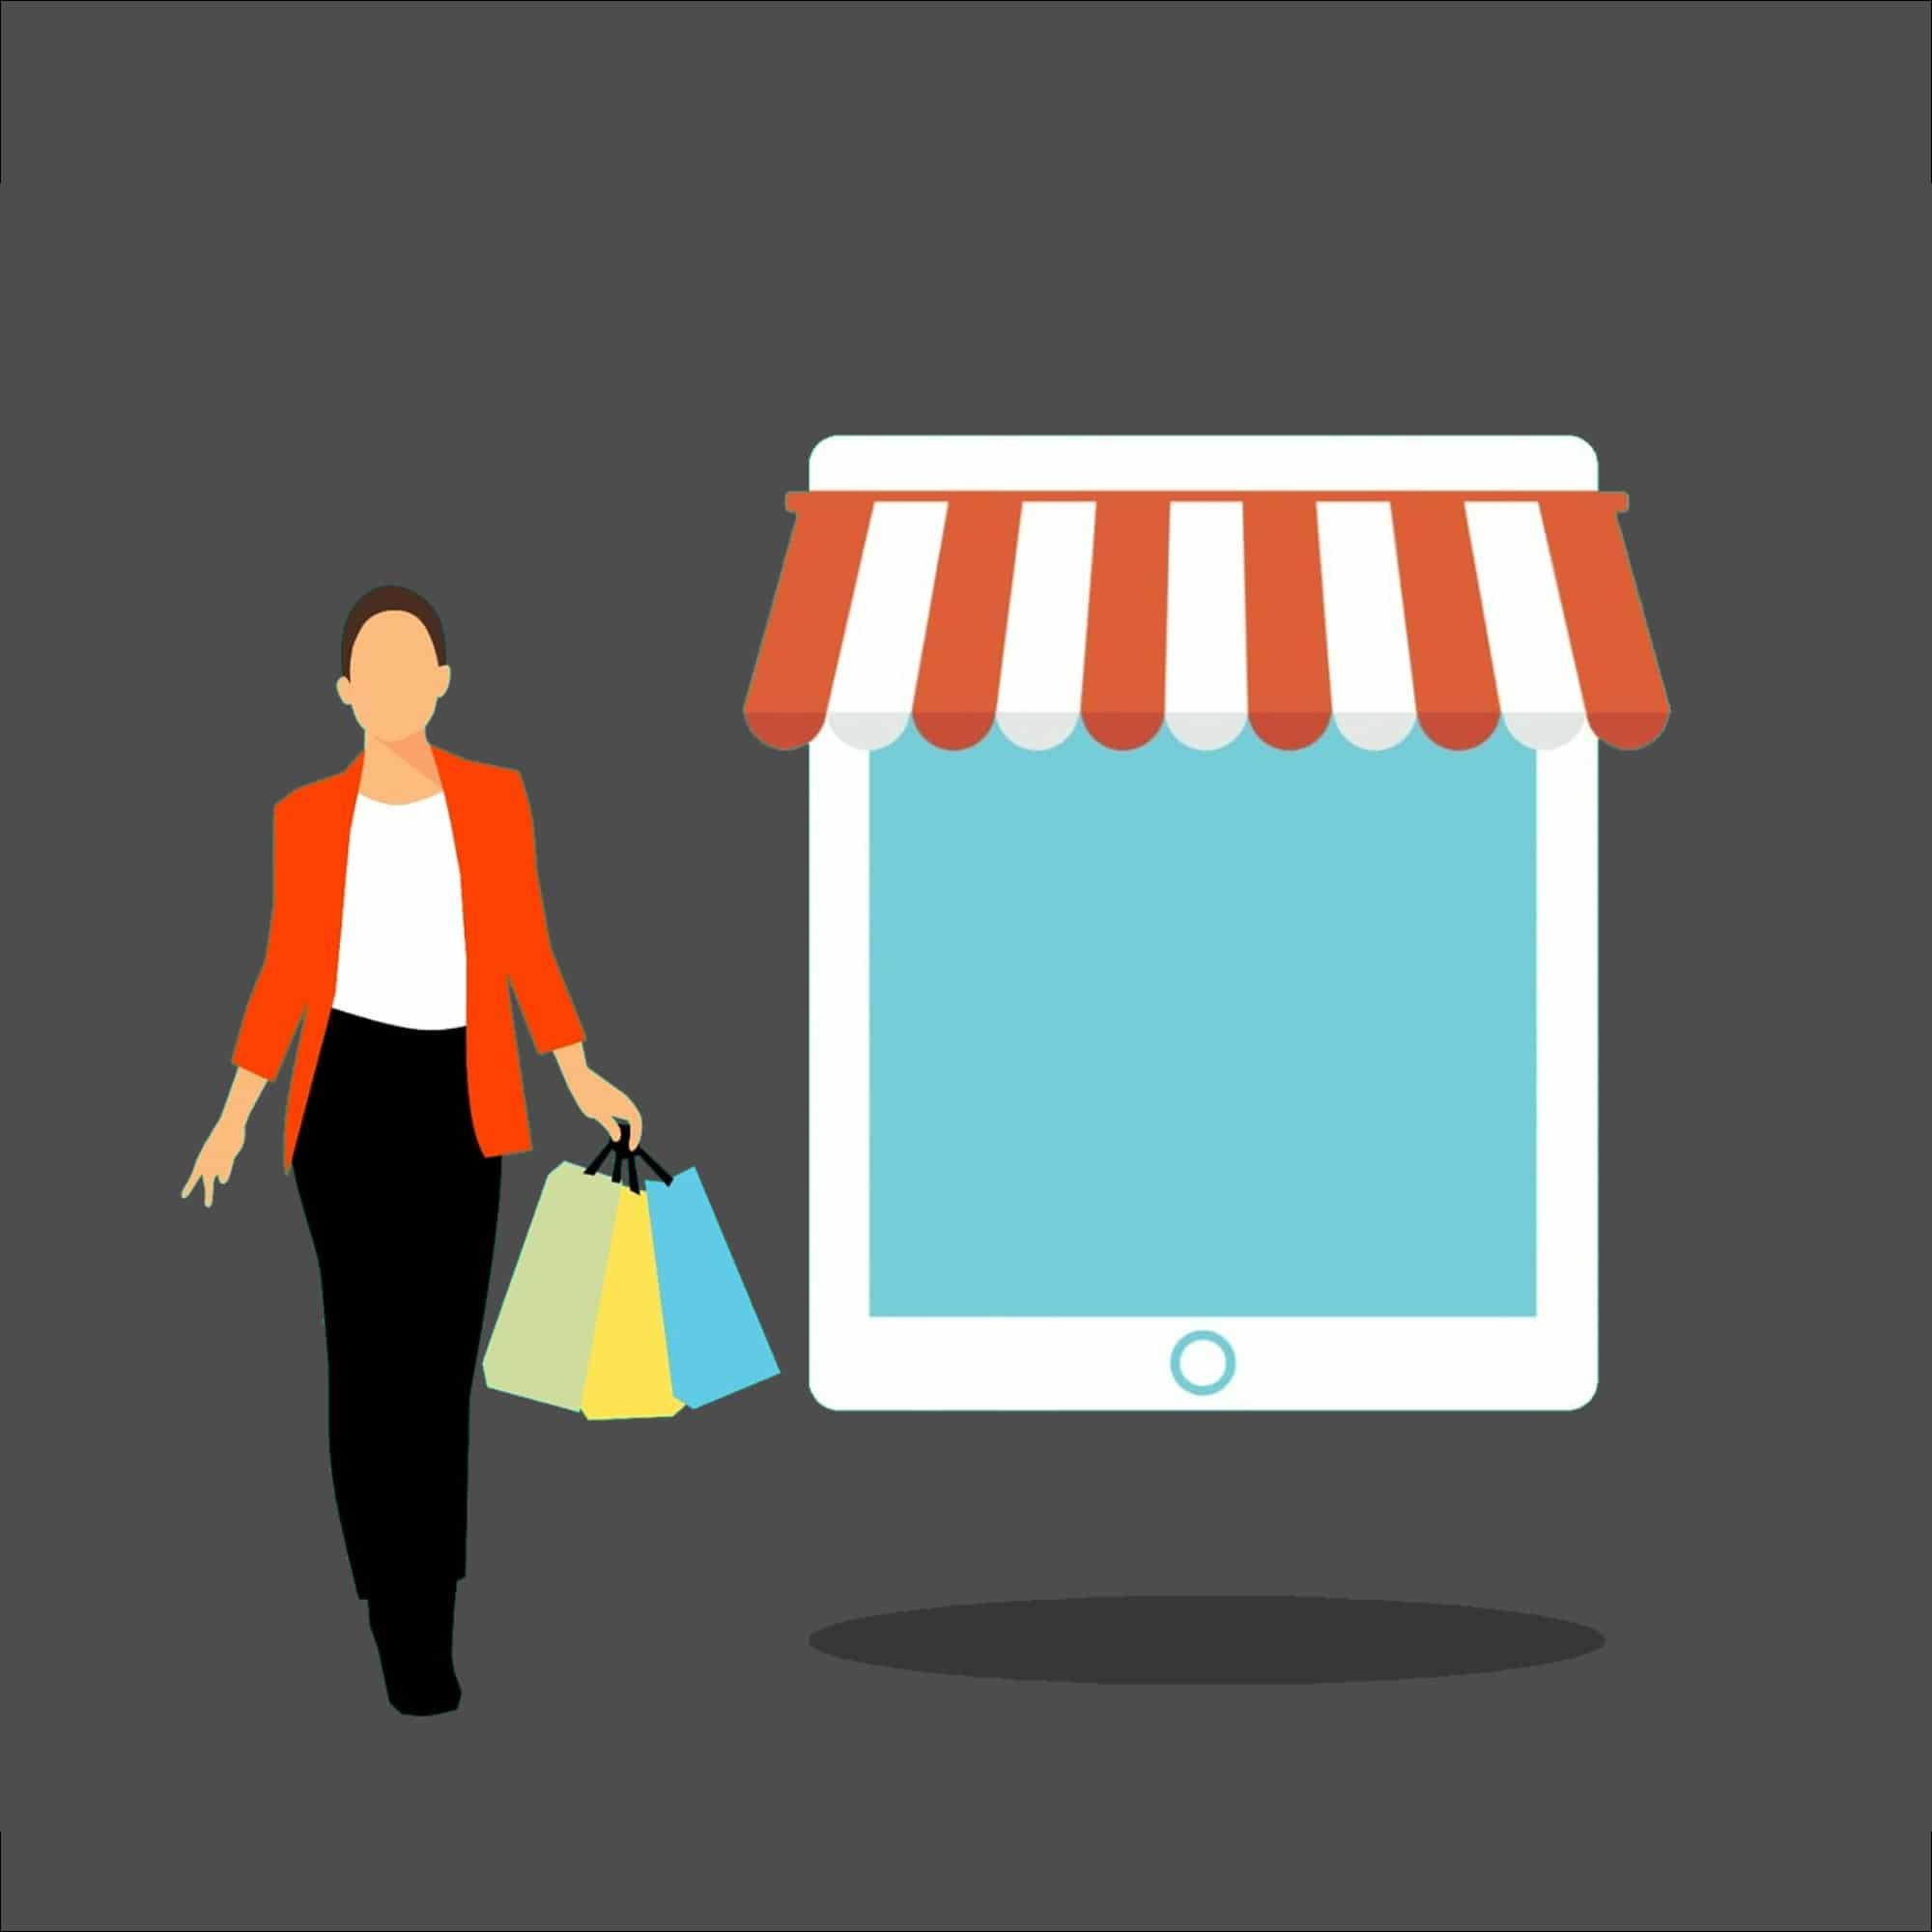 Sites Internet Logiciels Mairie Collectivité Entreprise 7